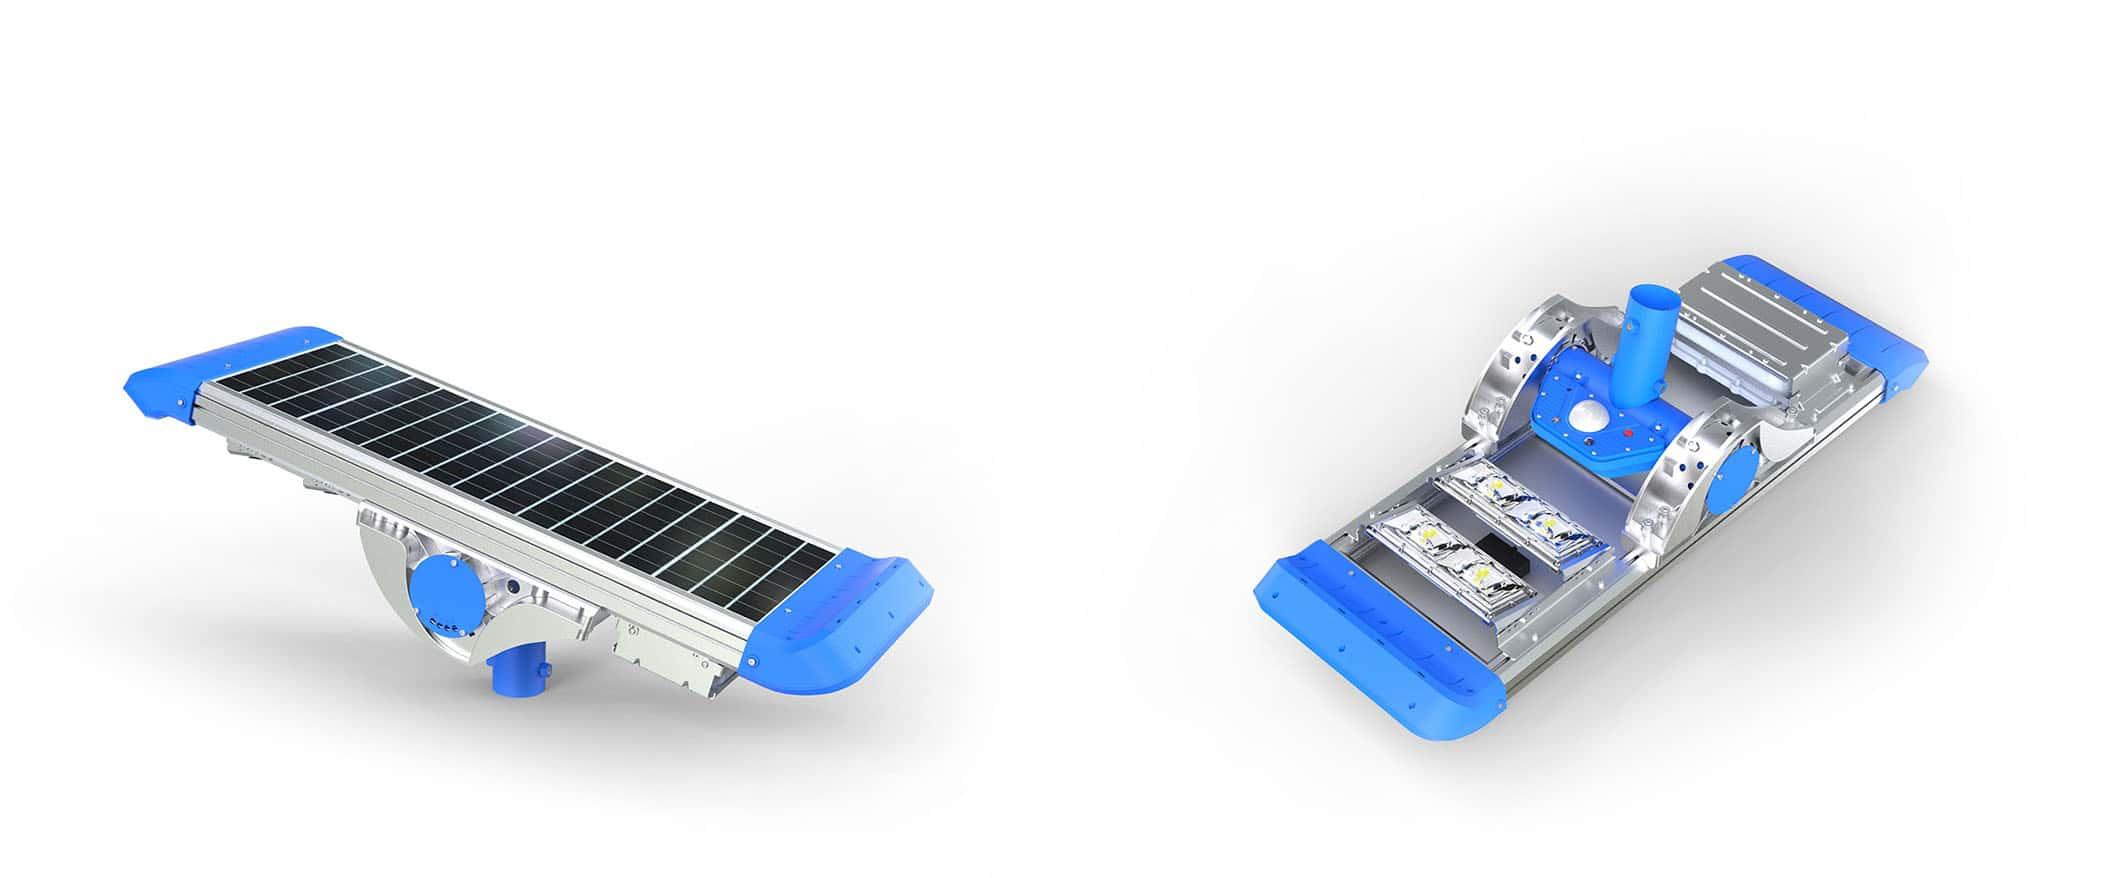 Latarnia solarna slc-8020